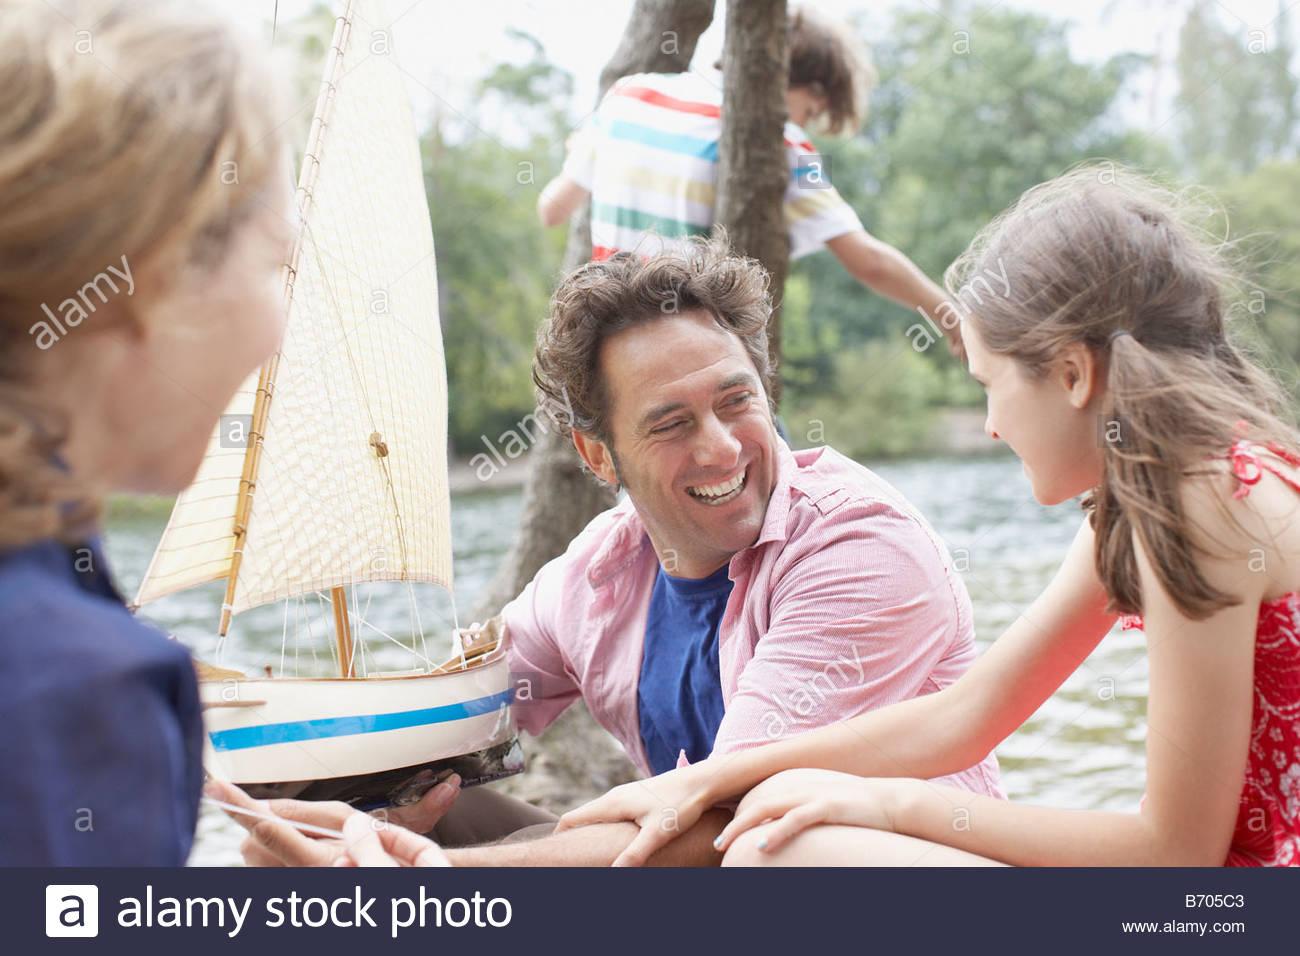 Familia divirtiéndose cerca del lago Imagen De Stock